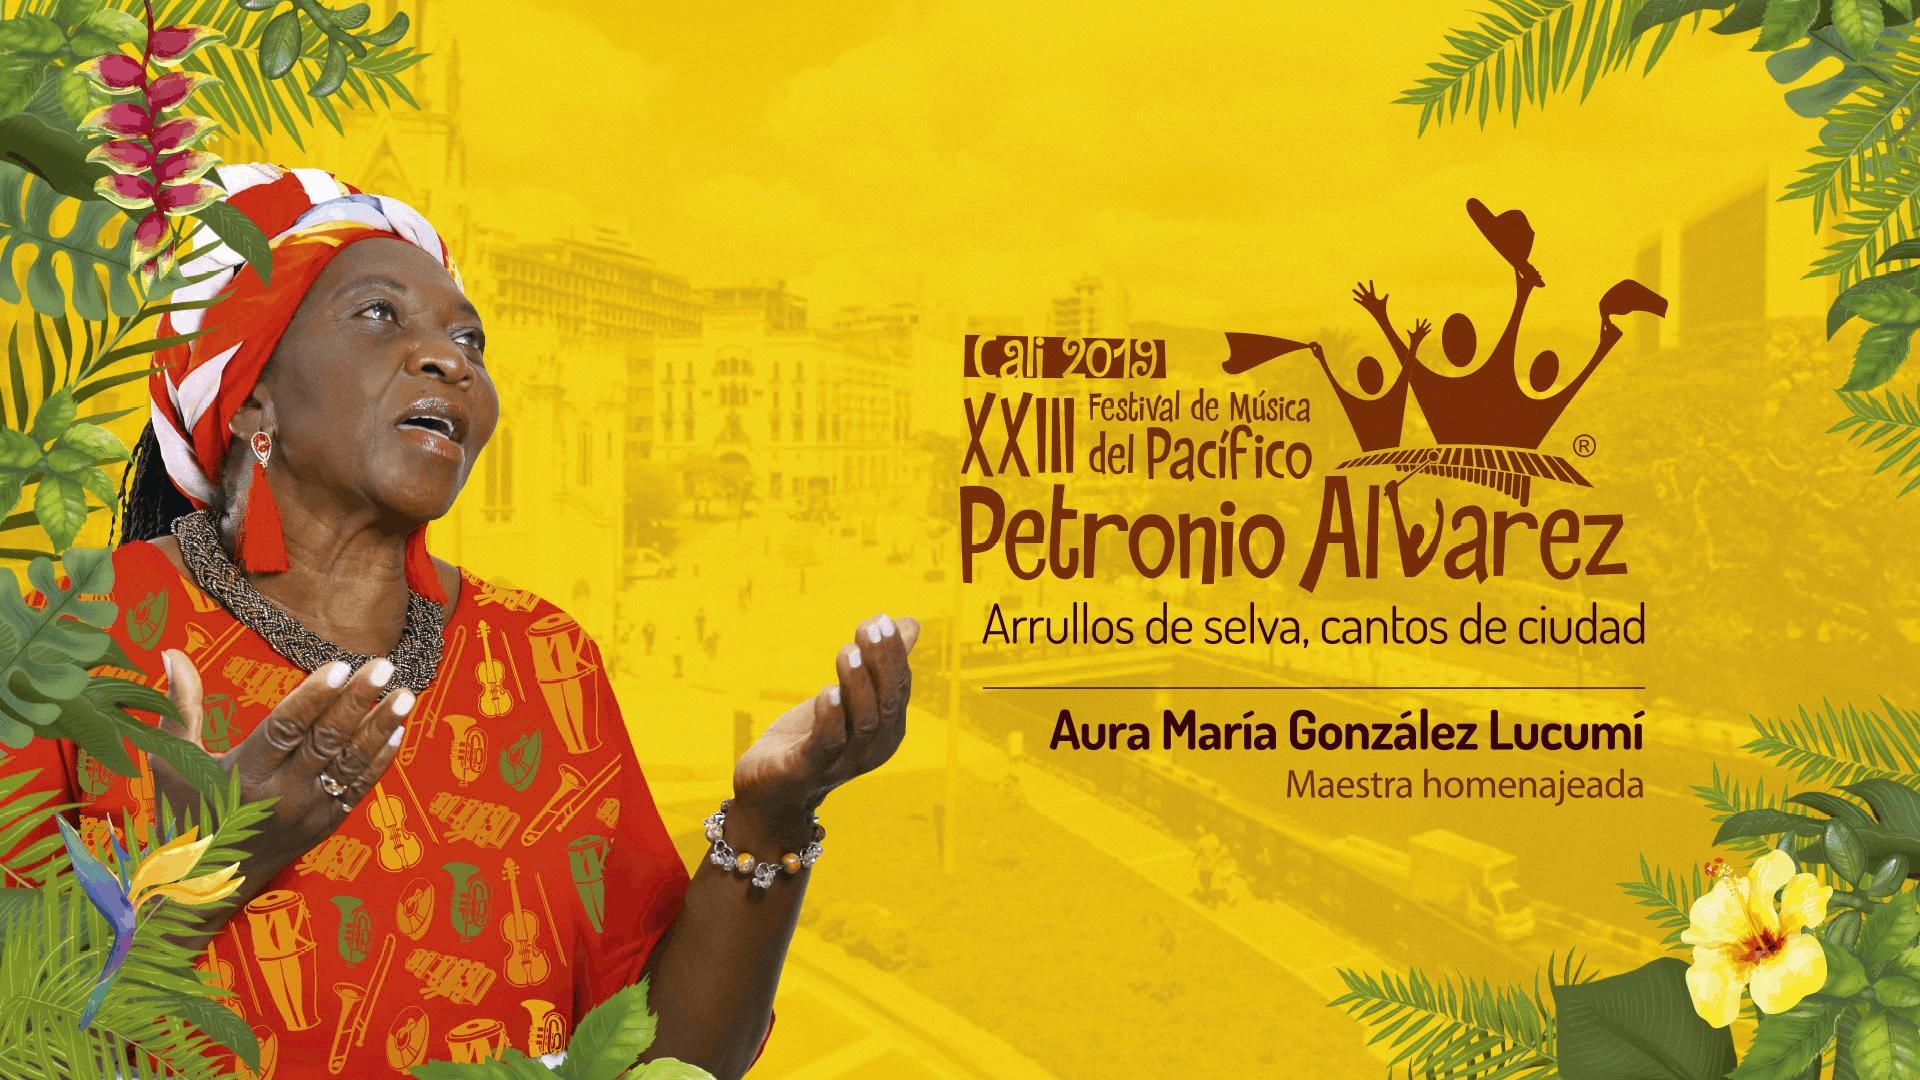 Cartel del Festival Afrolatino Petronio Álvarez, Cali (Colombia), 2019.